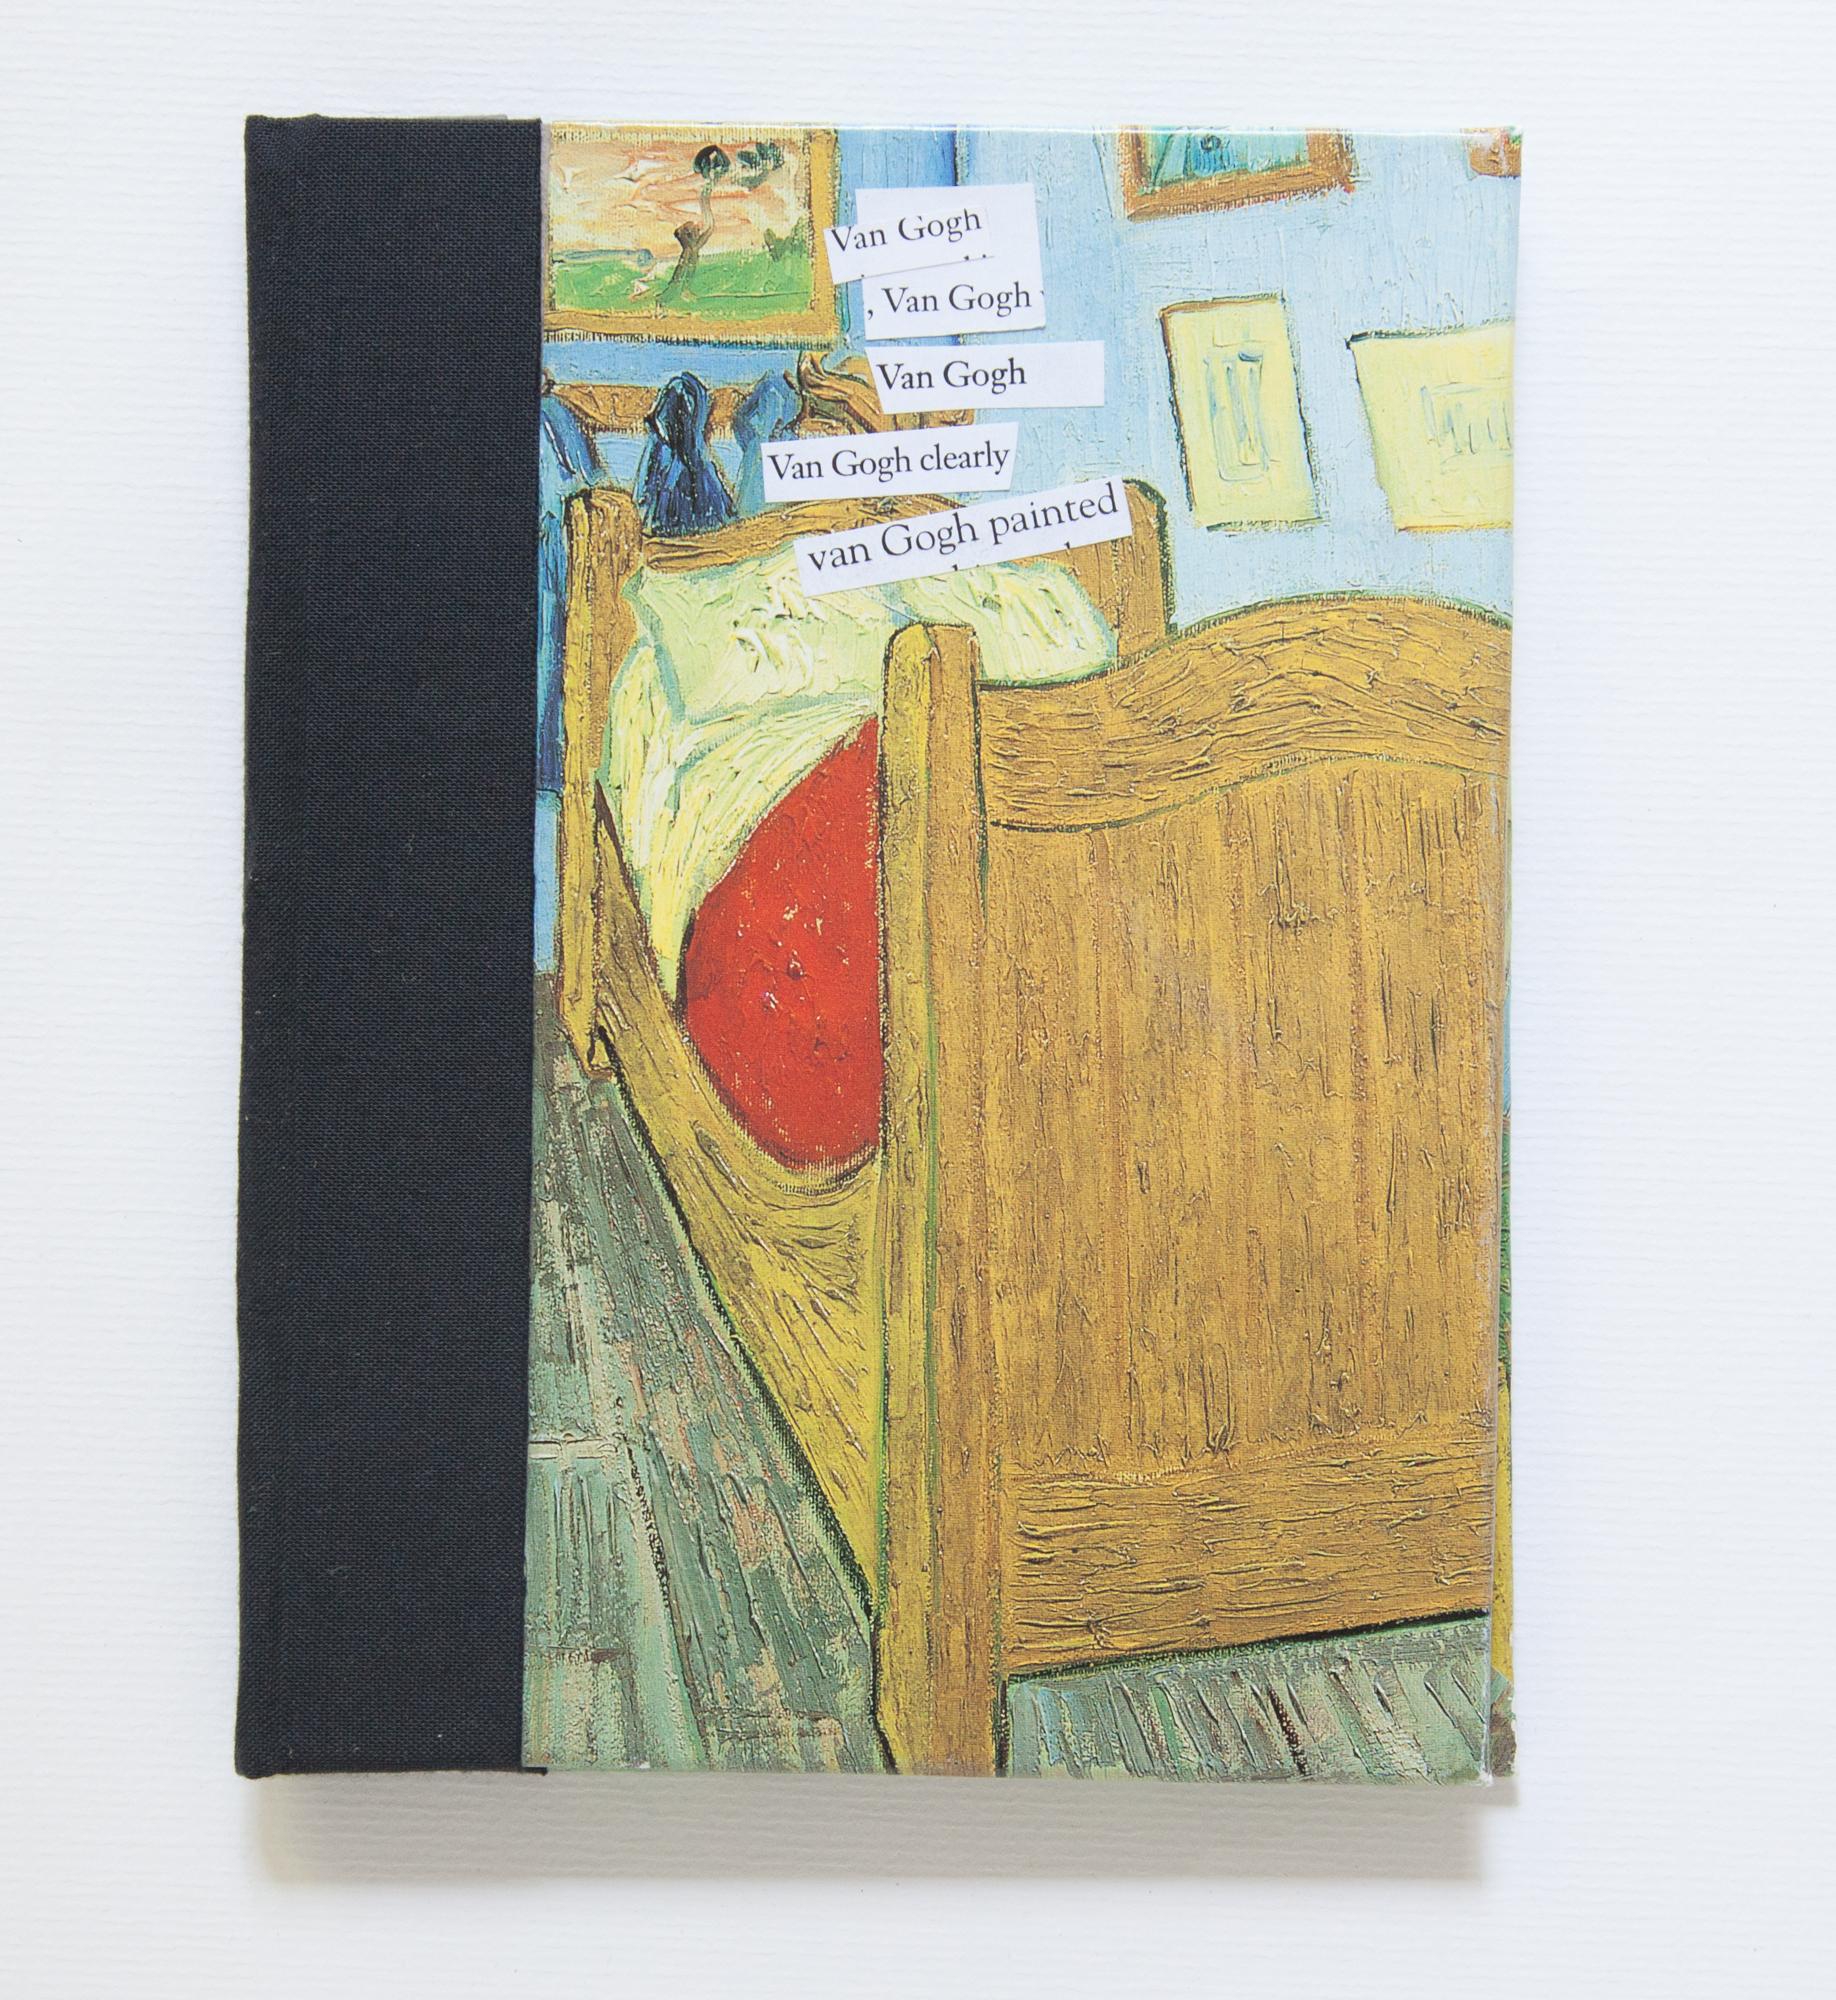 146_Van Gogh (cover)_.jpg